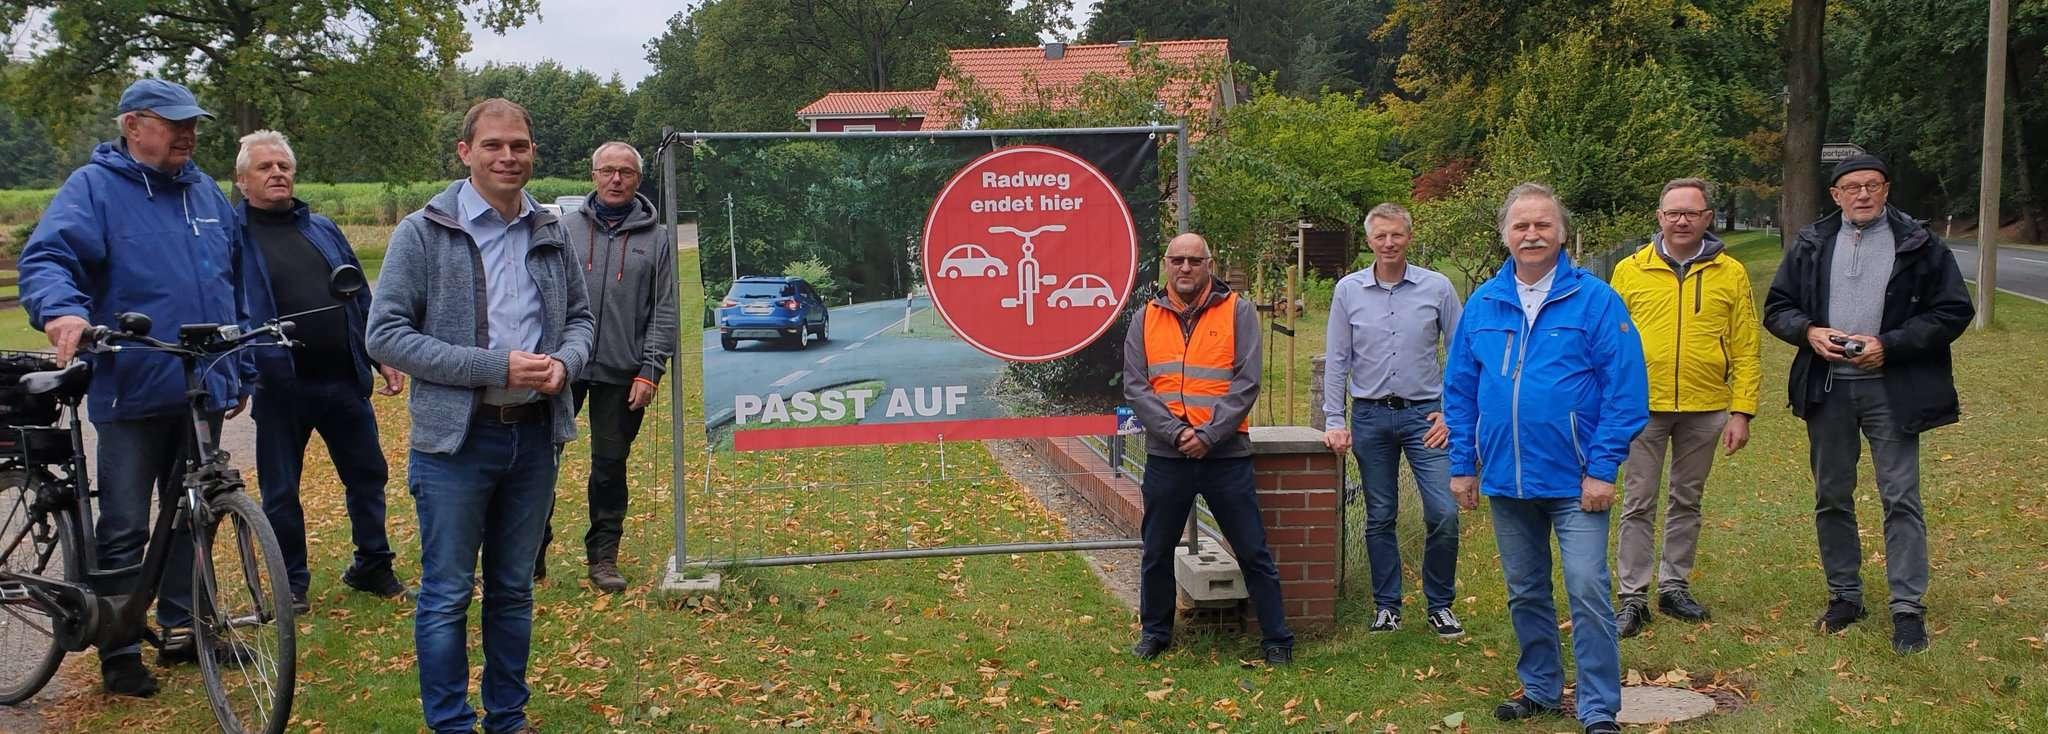 Die Aktivisten der Initiative stellten gemeinsam mit Eike Holsten (dritter von links) in Jeddingen ein neues Plakat vor.